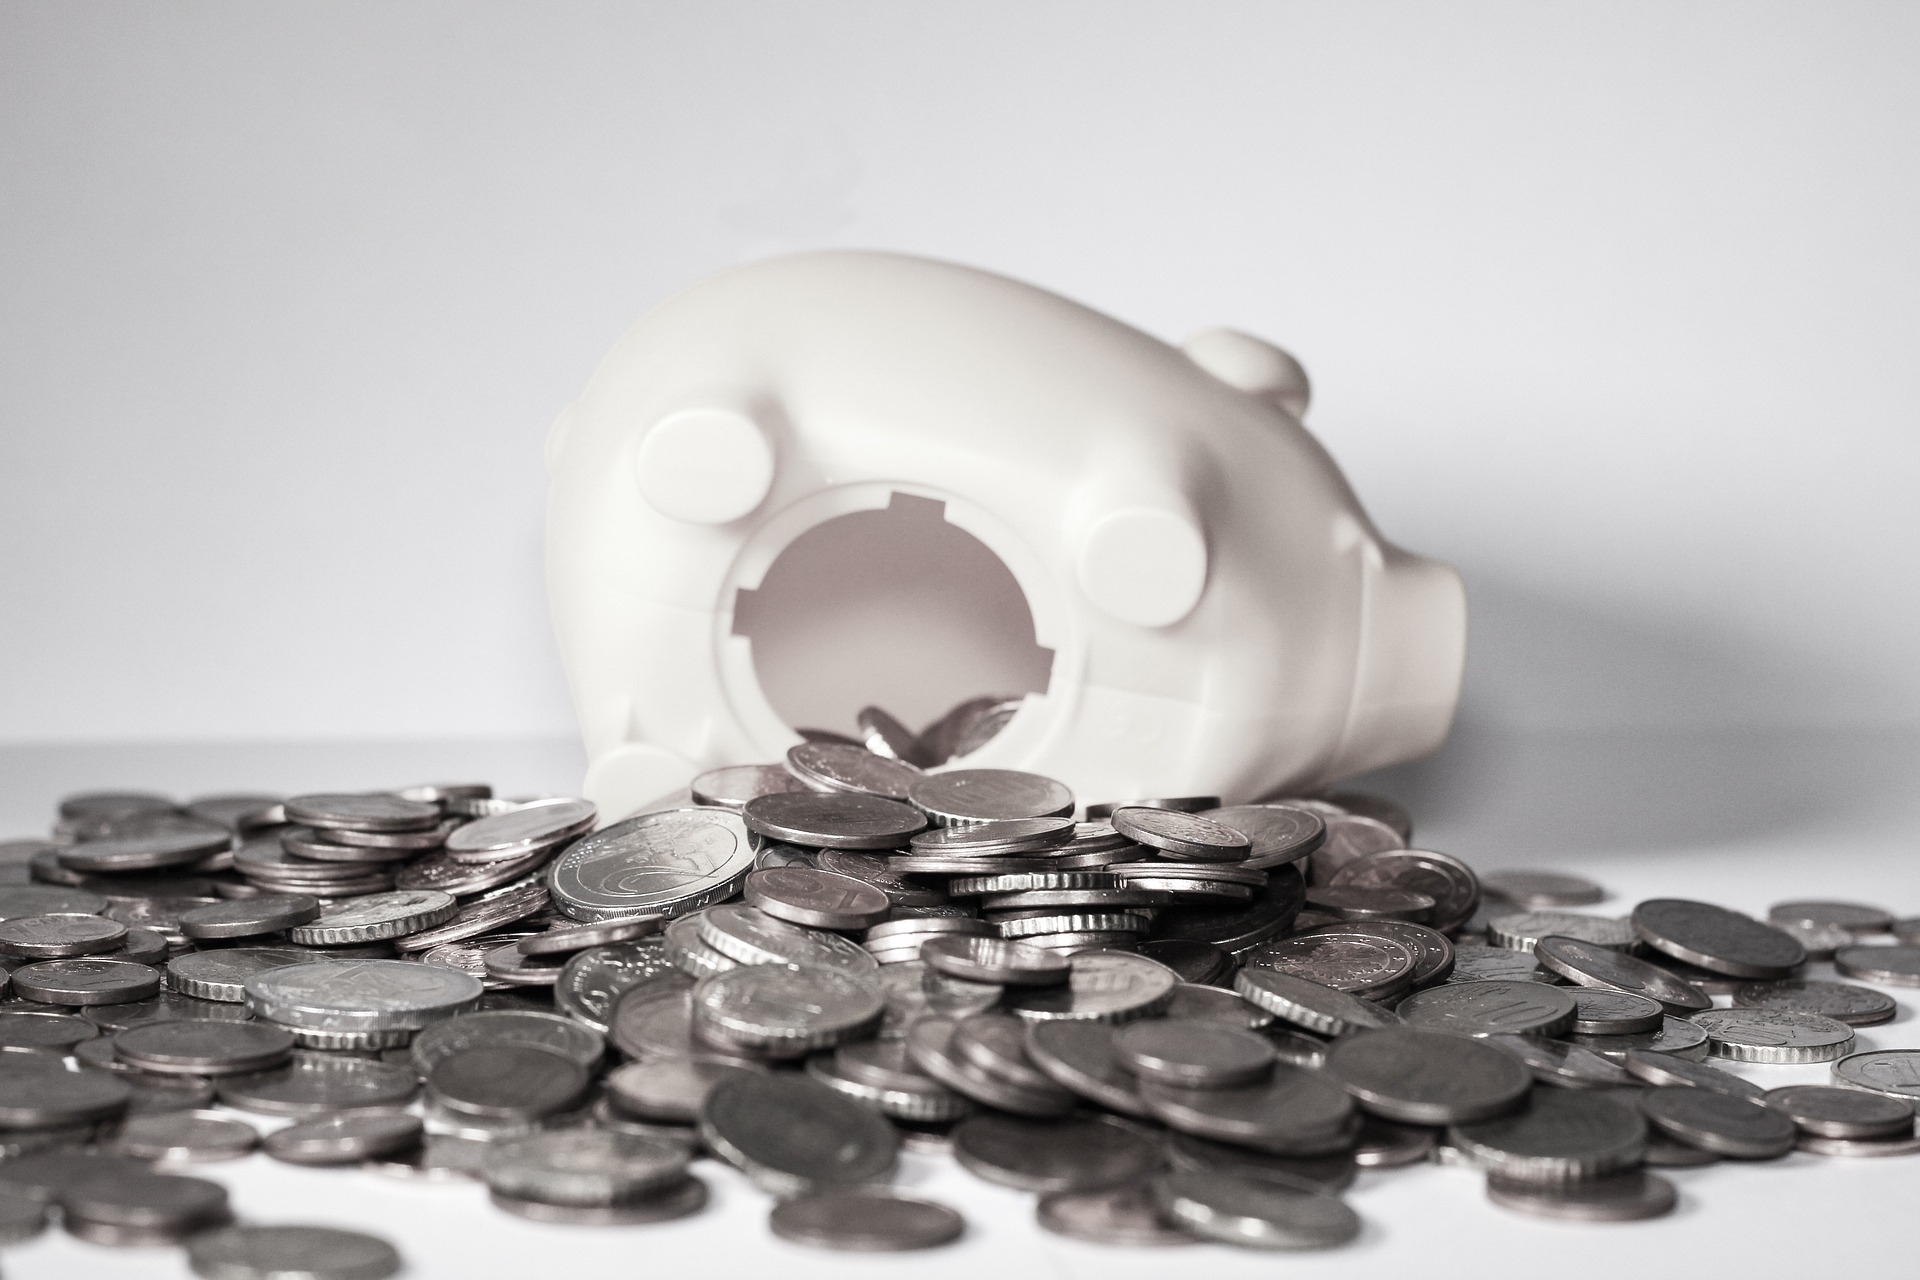 40歳で貯金無しって終わってる? これから人生挽回するために緊急に身に着けるべきマインド